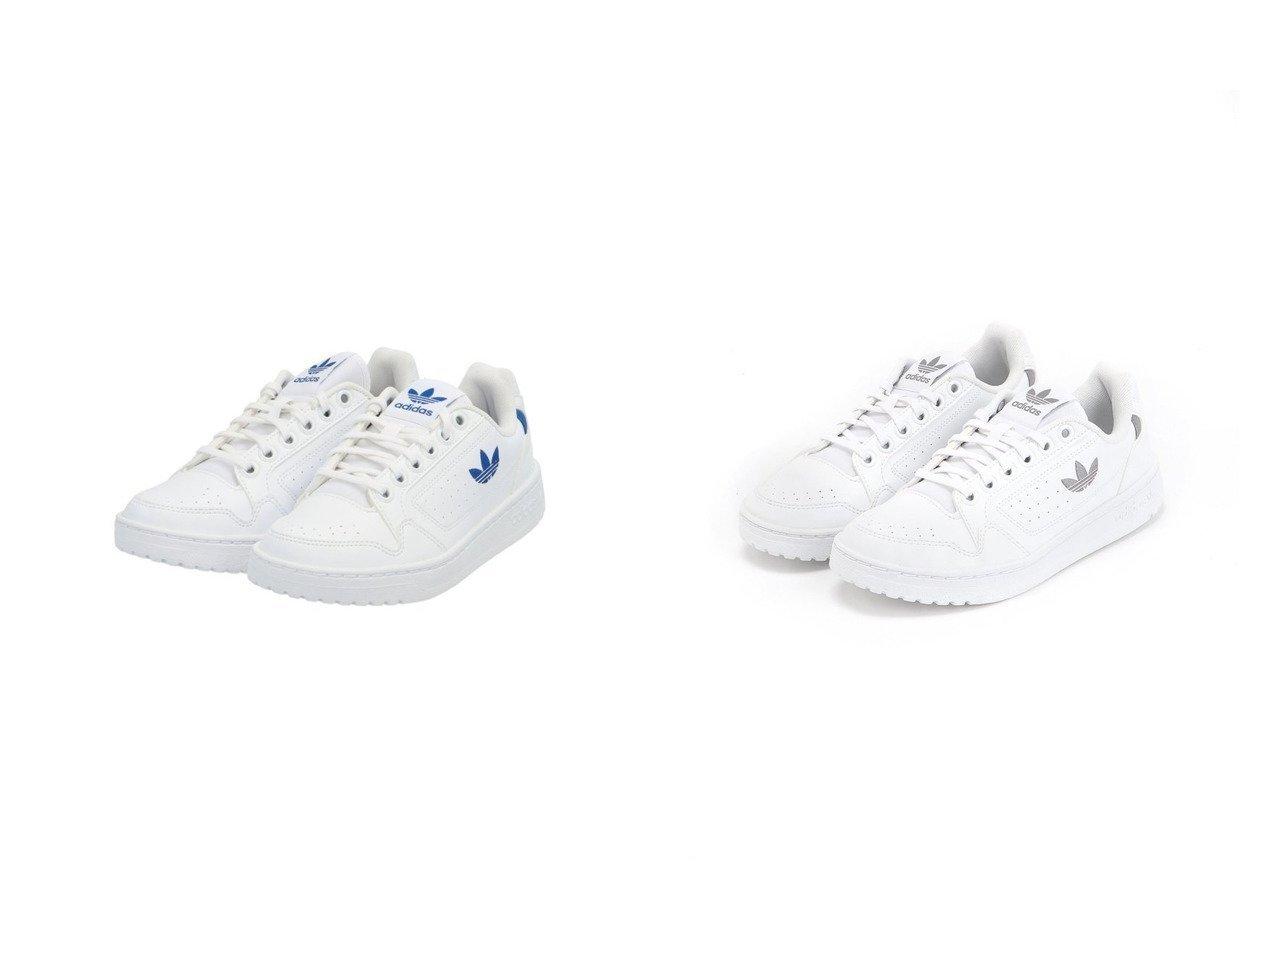 【adidas Originals/アディダス オリジナルス】のNY 90 アディダスオリジナルス メンズ レディース シューズ・靴のおすすめ!人気、トレンド・レディースファッションの通販 おすすめで人気の流行・トレンド、ファッションの通販商品 メンズファッション・キッズファッション・インテリア・家具・レディースファッション・服の通販 founy(ファニー) https://founy.com/ ファッション Fashion レディースファッション WOMEN NEW・新作・新着・新入荷 New Arrivals シューズ ショーツ スウェット スニーカー スポーツ スリッポン スーツ デニム ベーシック ミックス メンズ リメイク 定番 Standard |ID:crp329100000023905